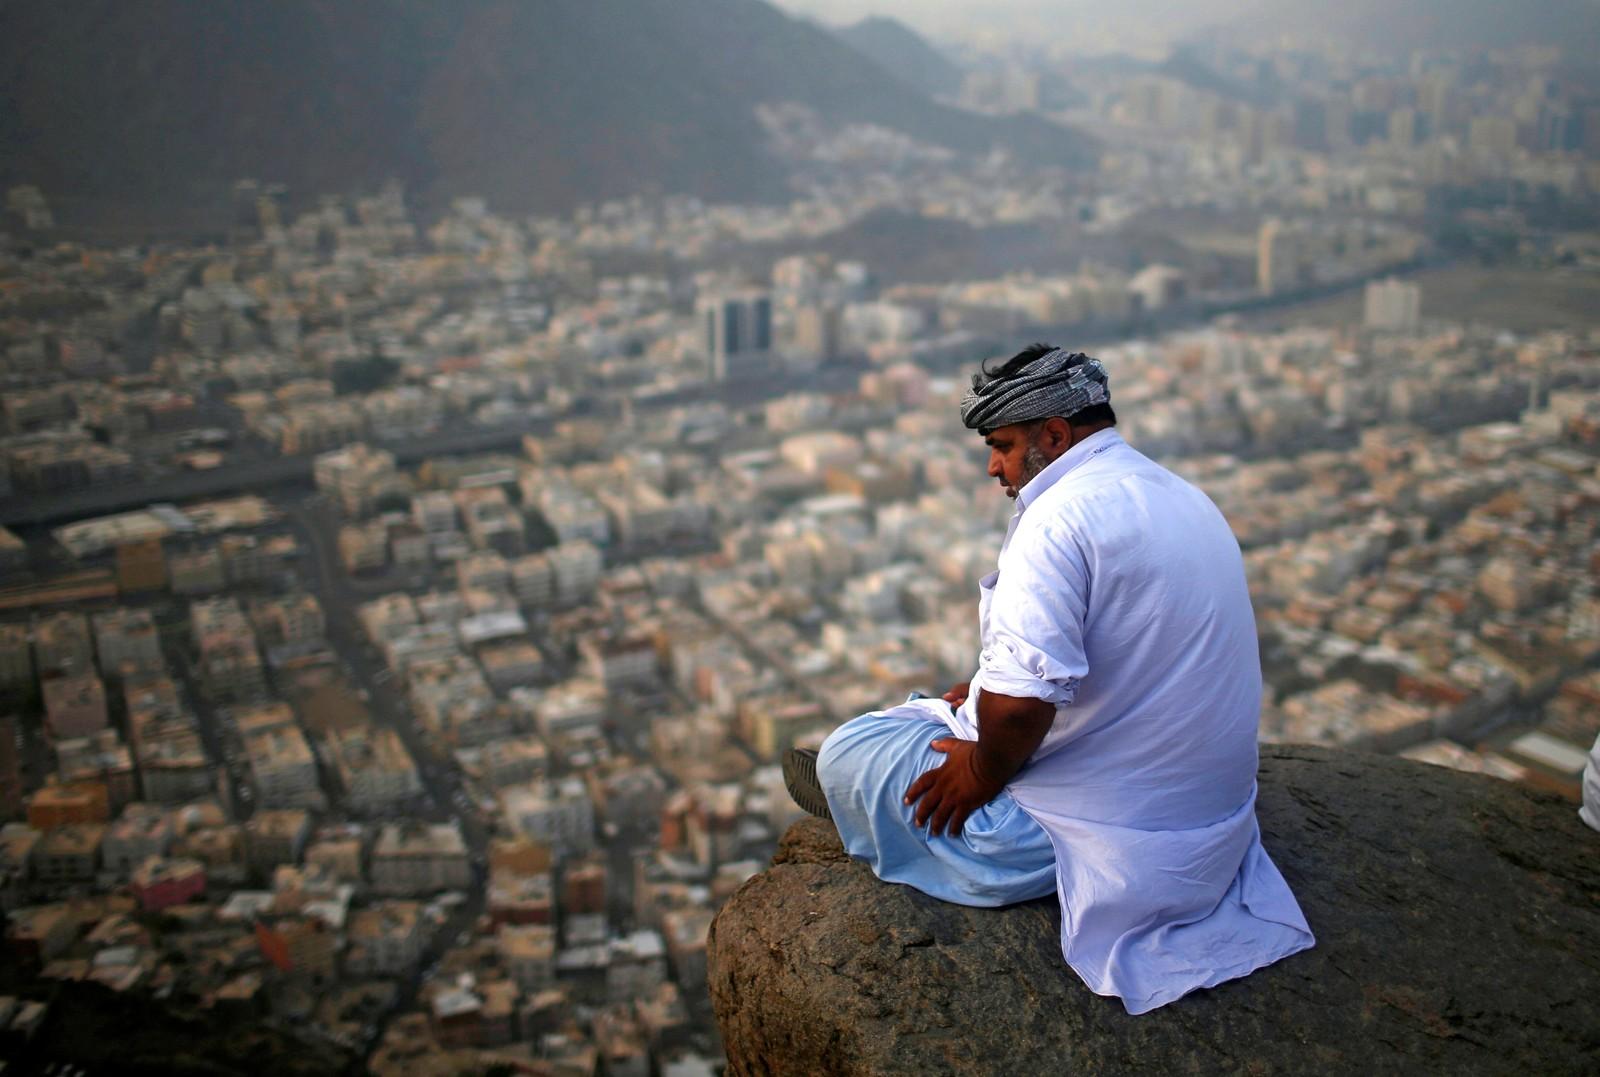 En muslimsk pilgrim besøker Jabal al-Nour ved Mekka i Saudi-Arabia. På dette fjellet ligger grotta Ghar-E-Hira. Muslimer tror det er her Muhammed fikk den første åpenbaringen av erkeengelen Gabriel.